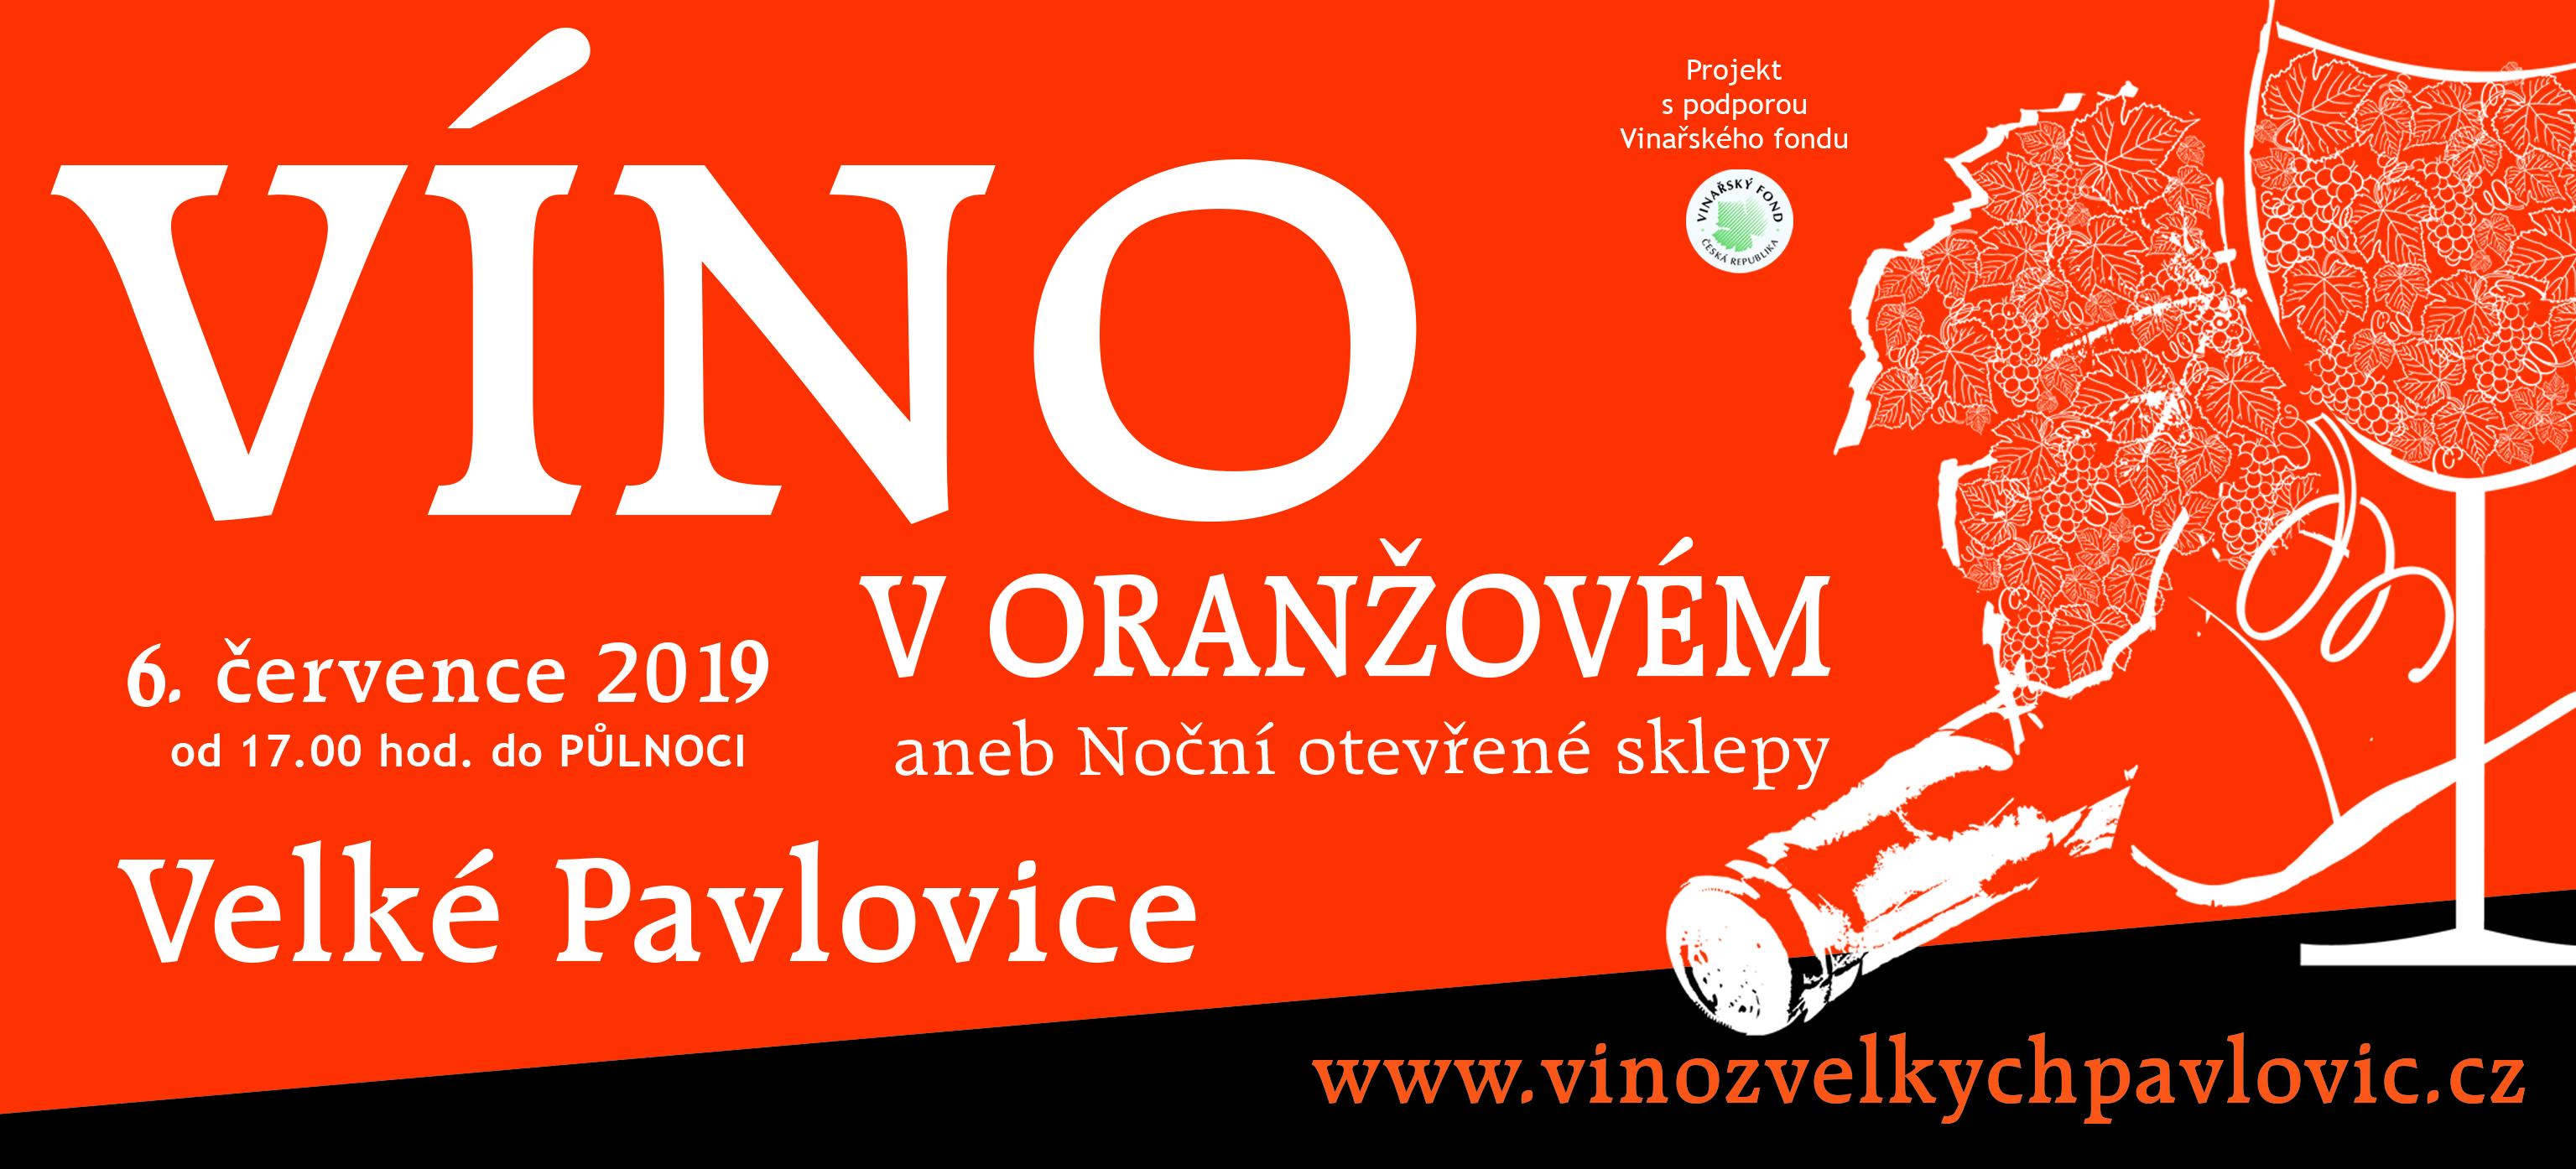 Otevřené sklepy, Velké Pavlovice, Otevřené sklepy Velké Pavlovice, VINIUM, víno v oranžovém